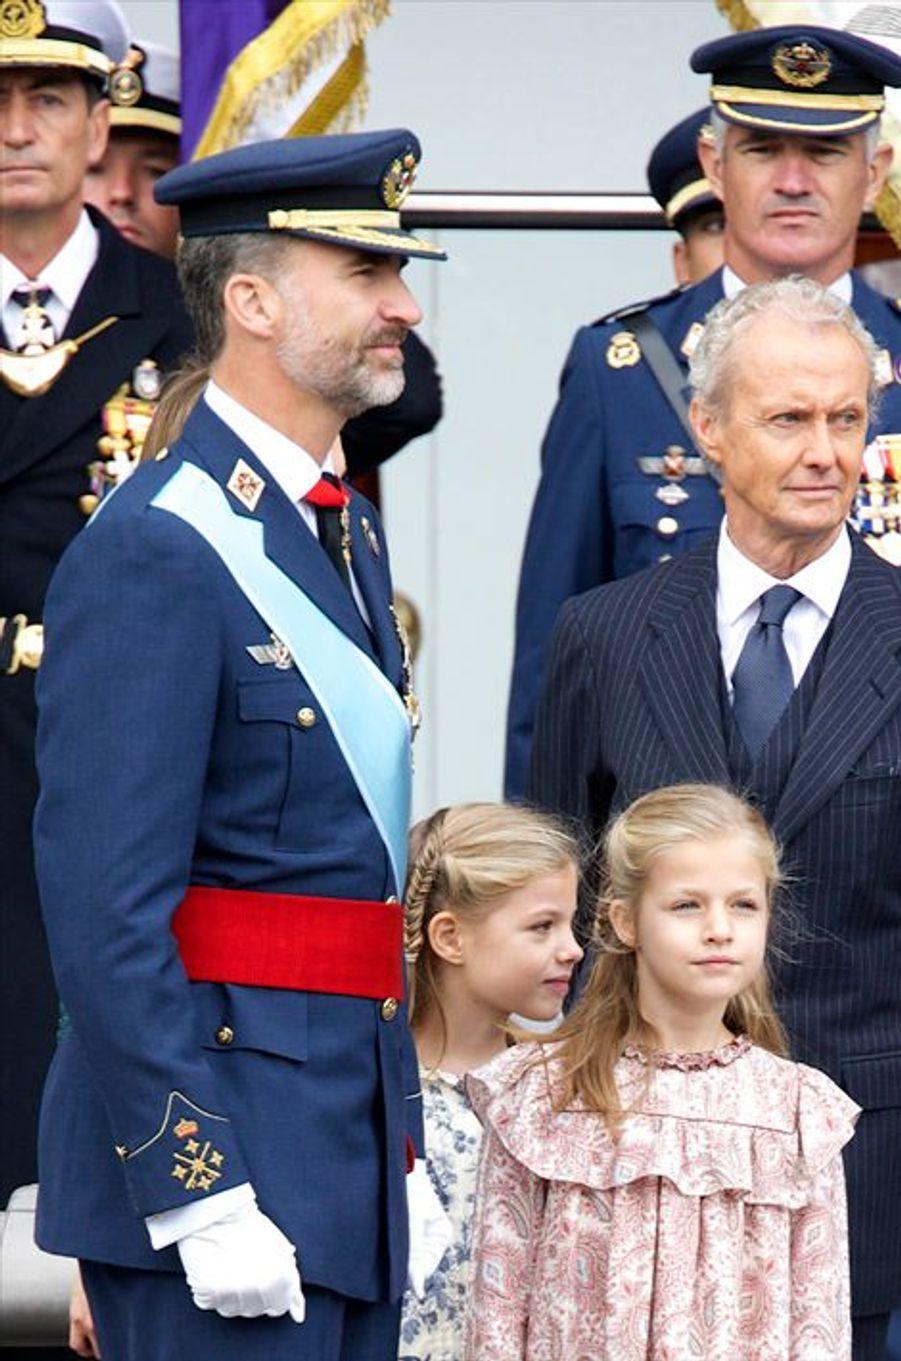 Le roi Felipe VI d'Espagne et les princesses Leonor et Sofia à la Fête nationale d'Espagne, le 12 octobre 2014